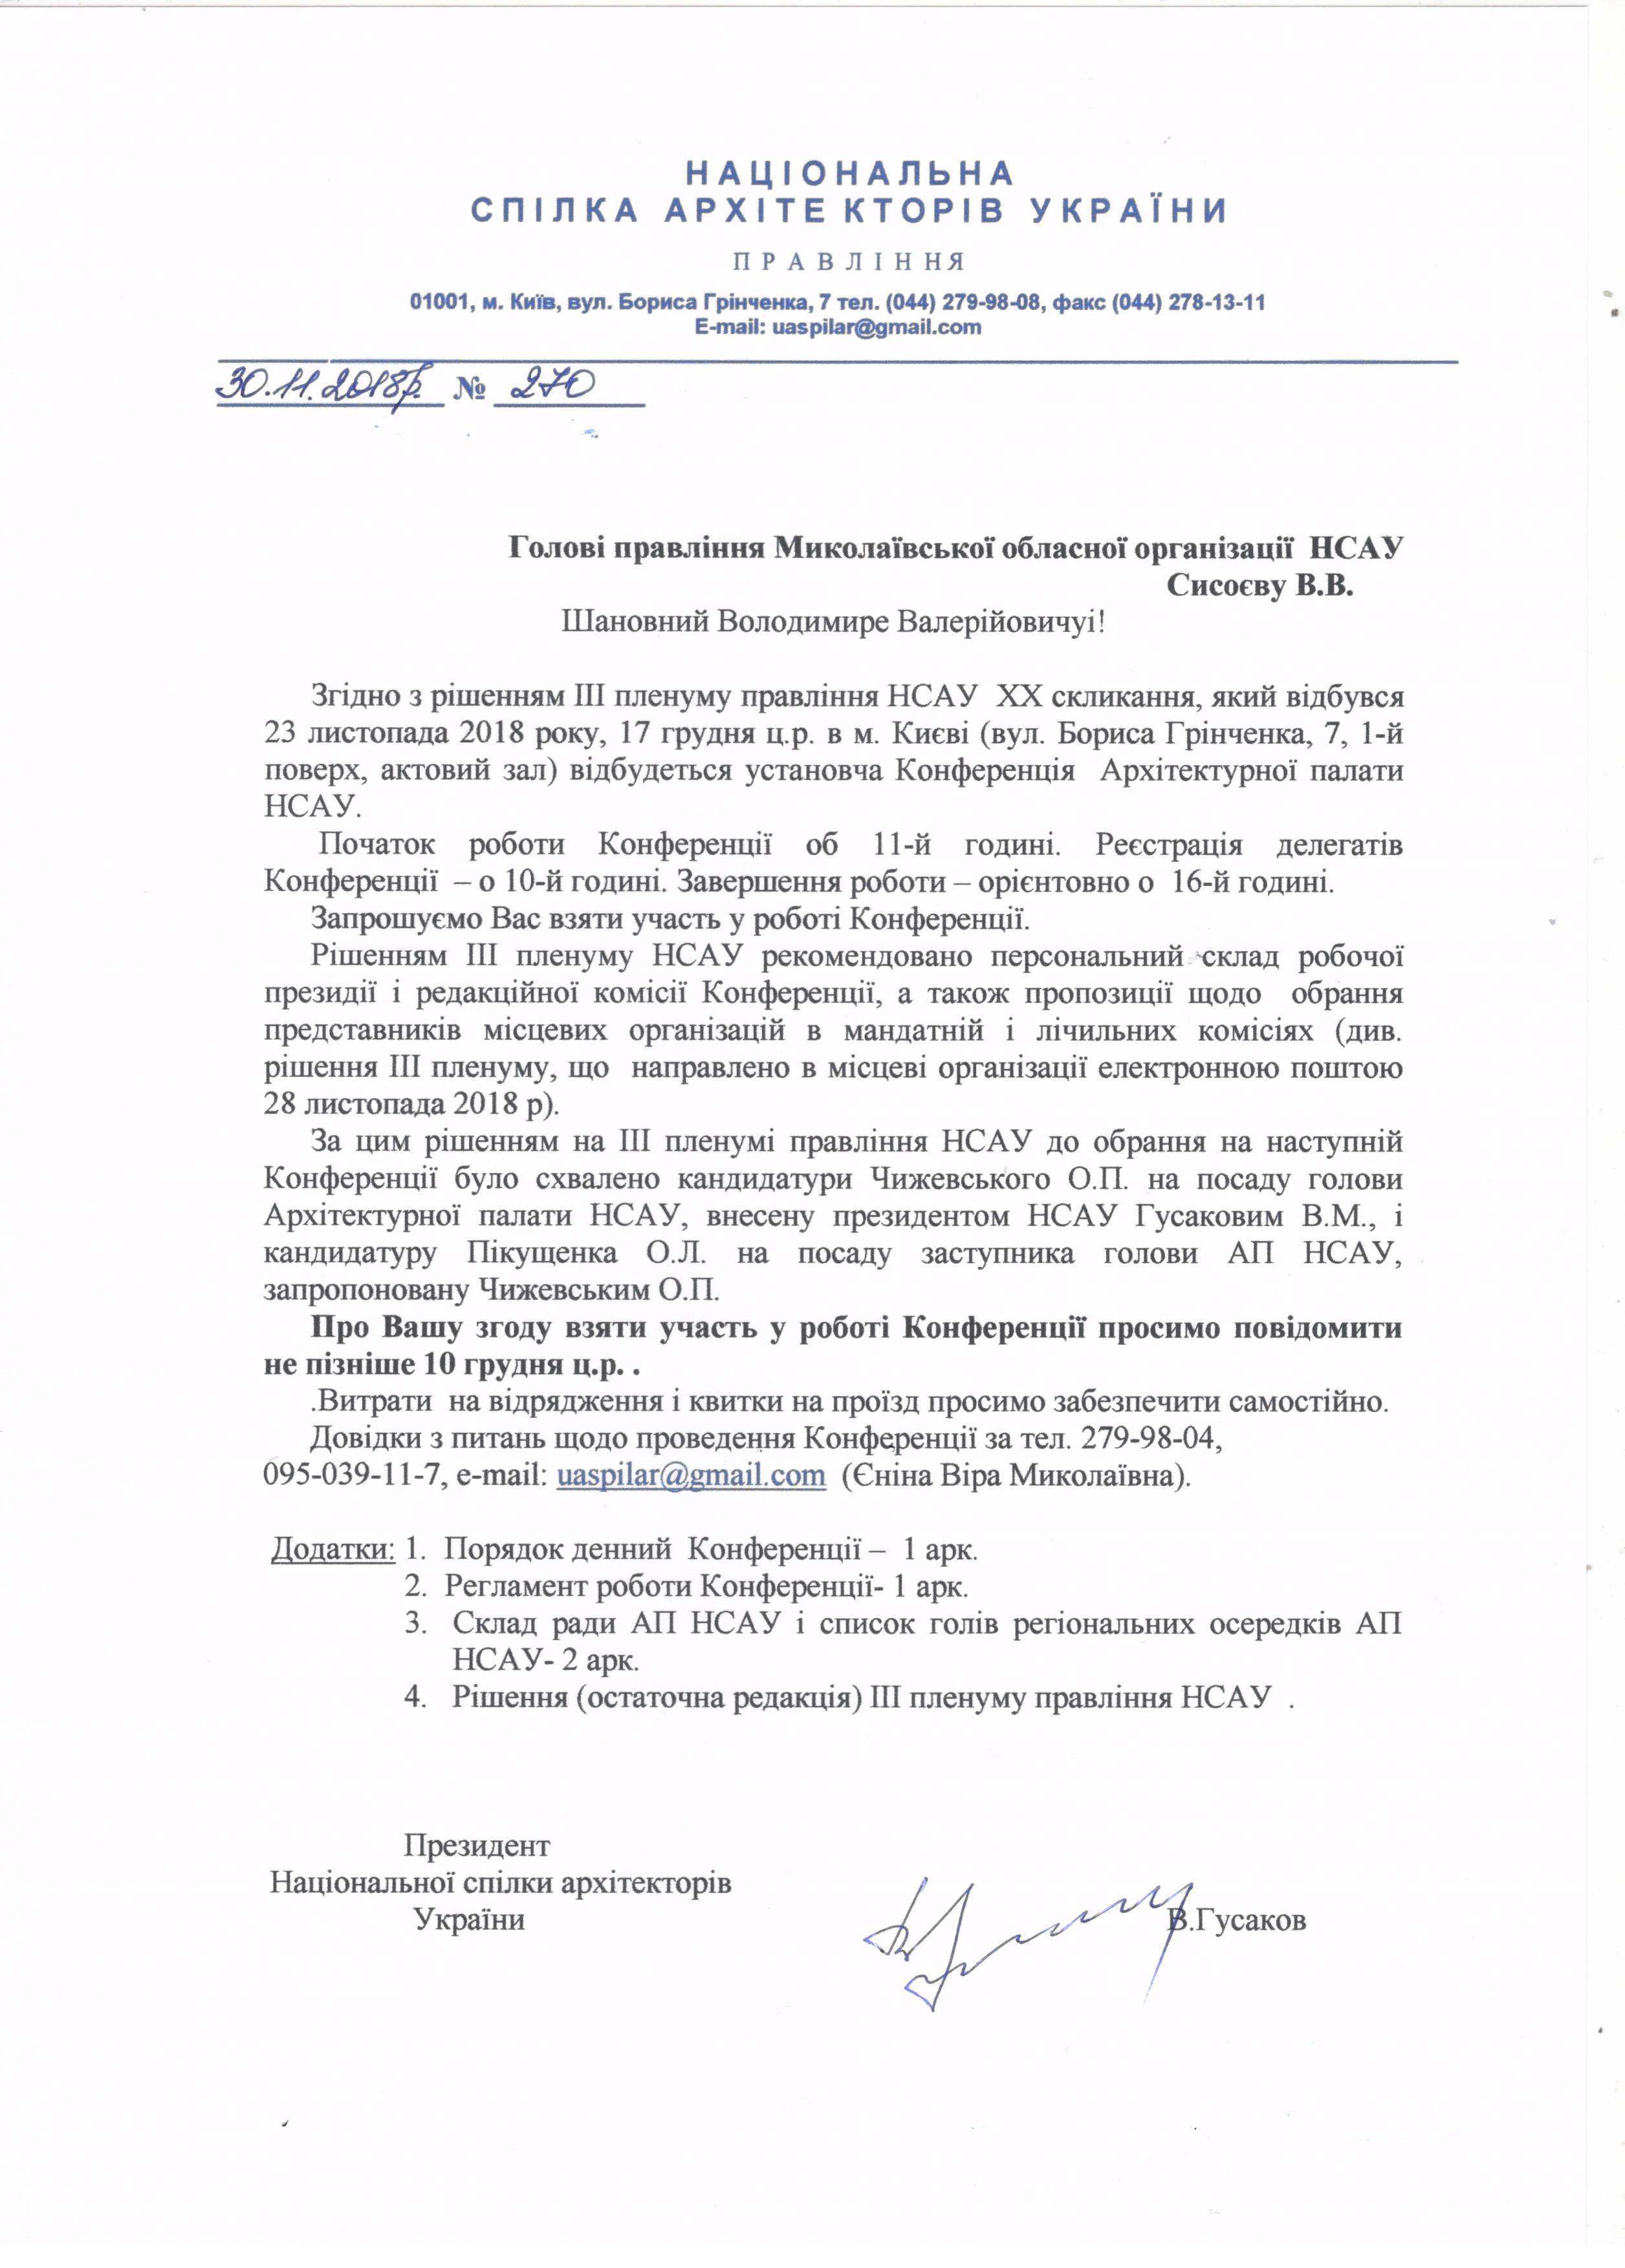 Сисоєву В.В 001